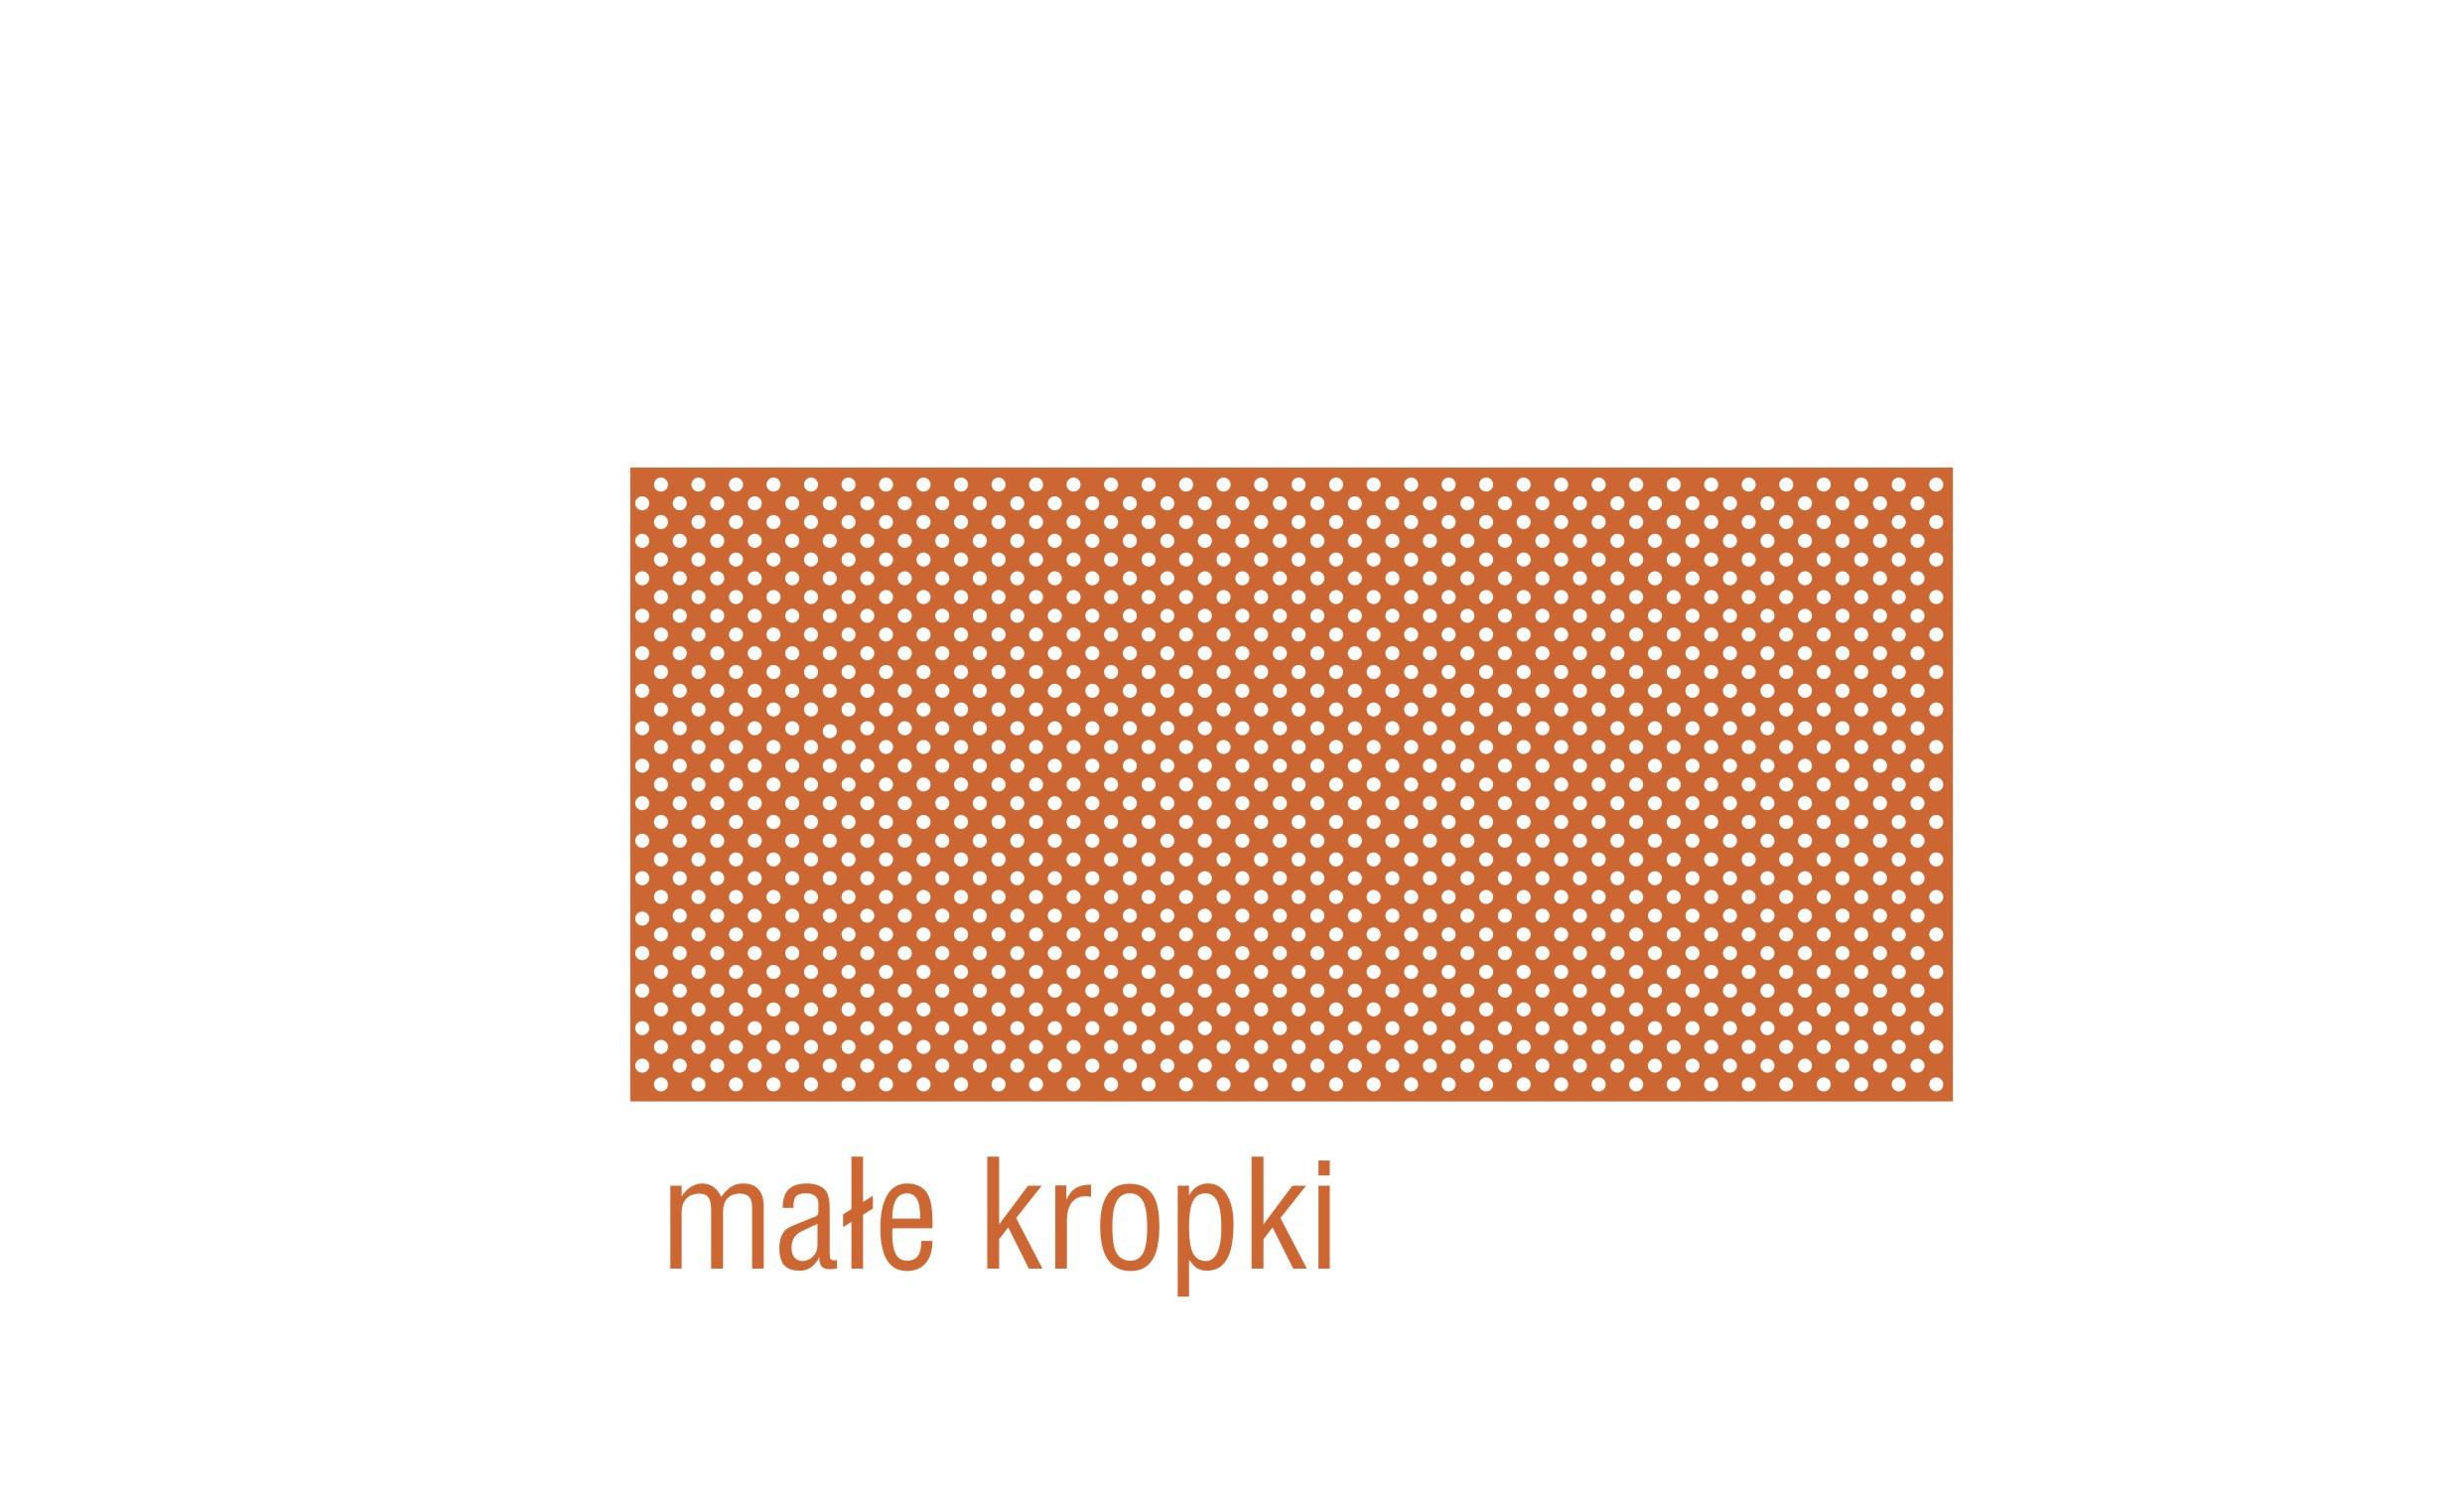 marmollada - torebka filcowa średnia INDYGO na skos i do ręki z piaskowymi dodatkami - Marmollada